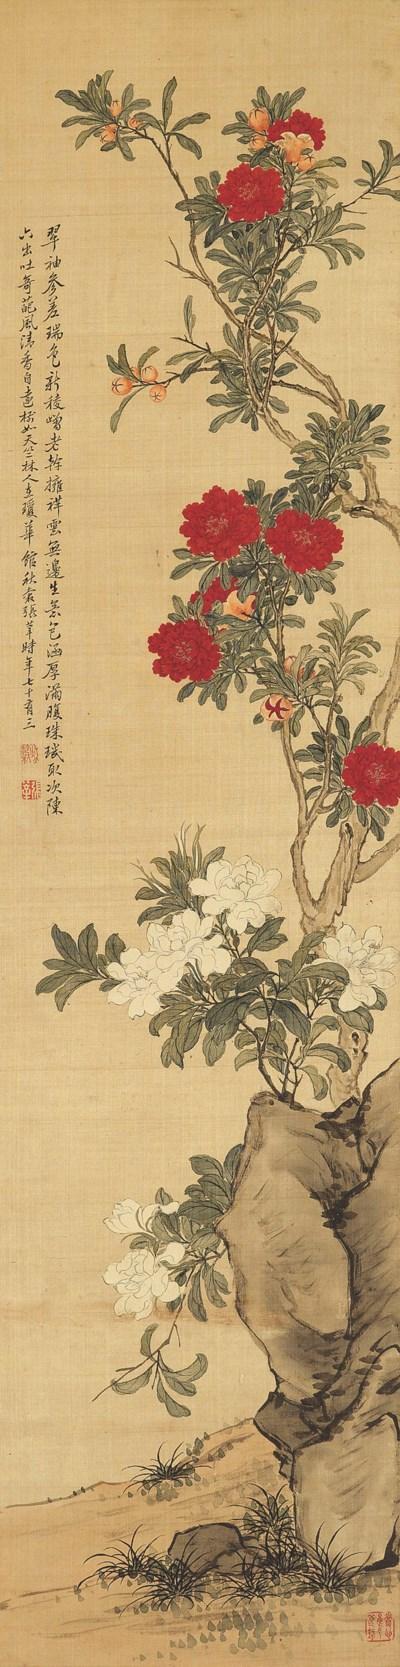 ZHANG SHEN (18TH-19TH CENTURY)